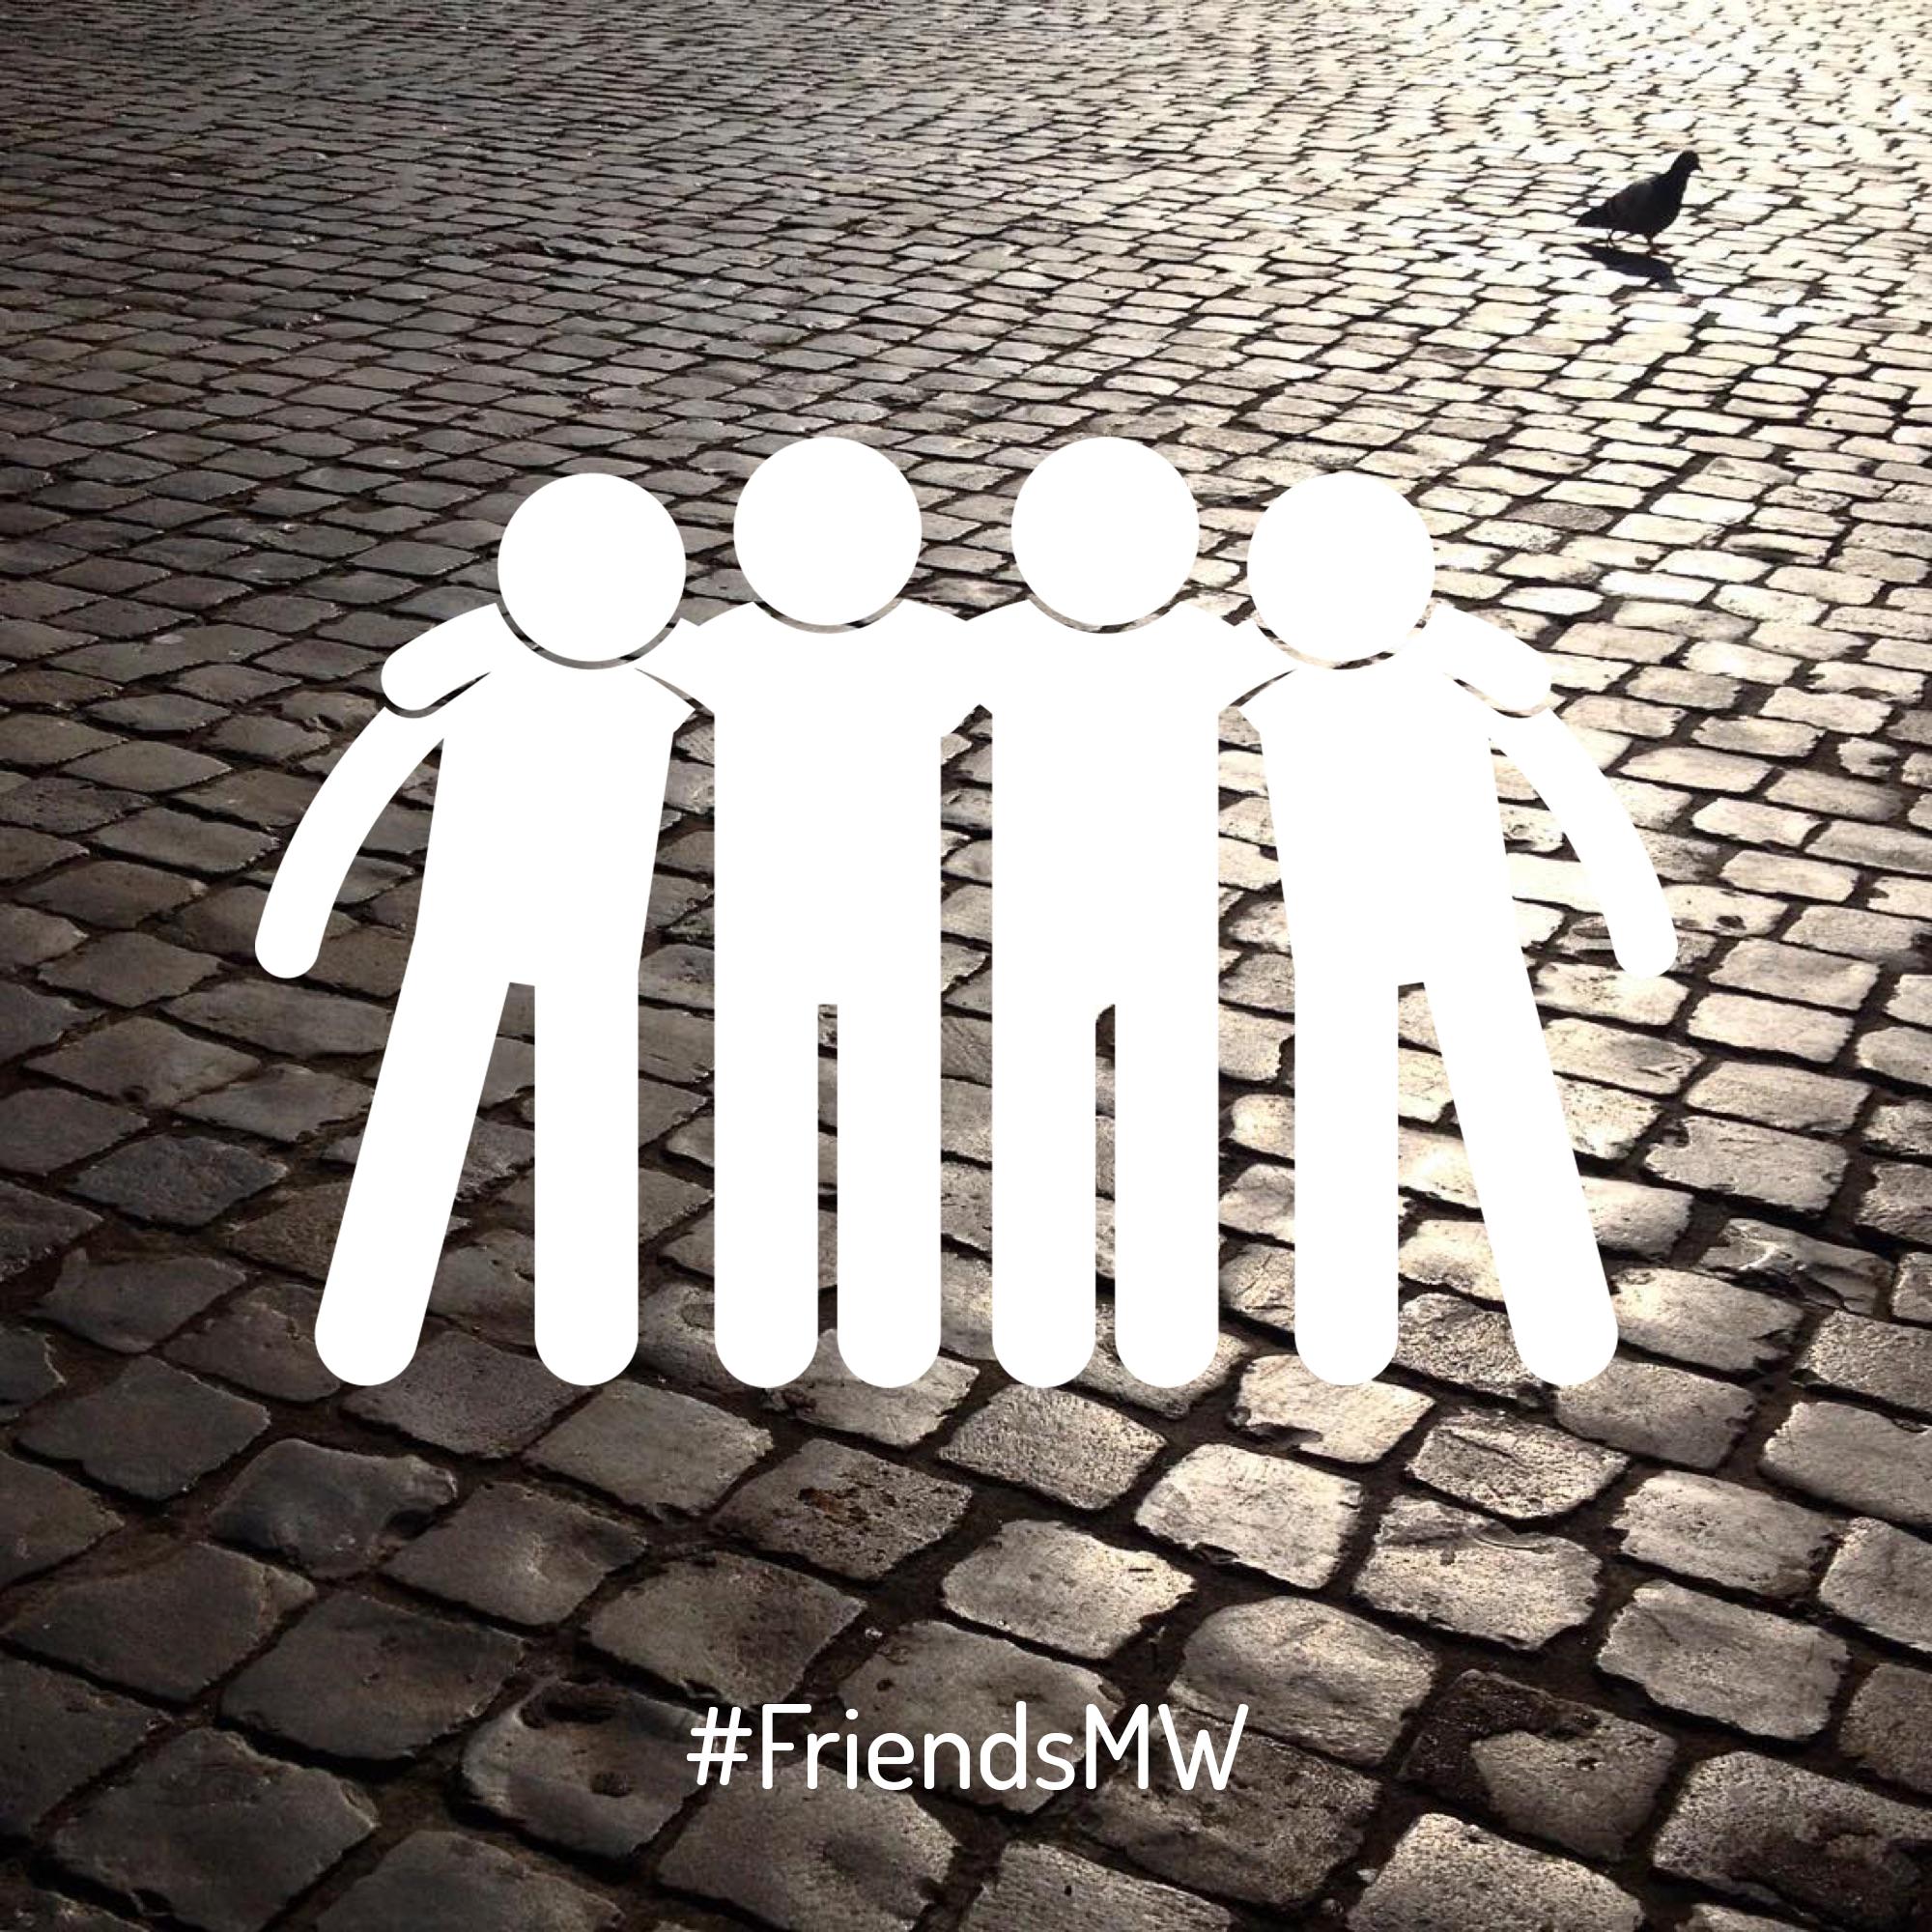 #FriendsMW